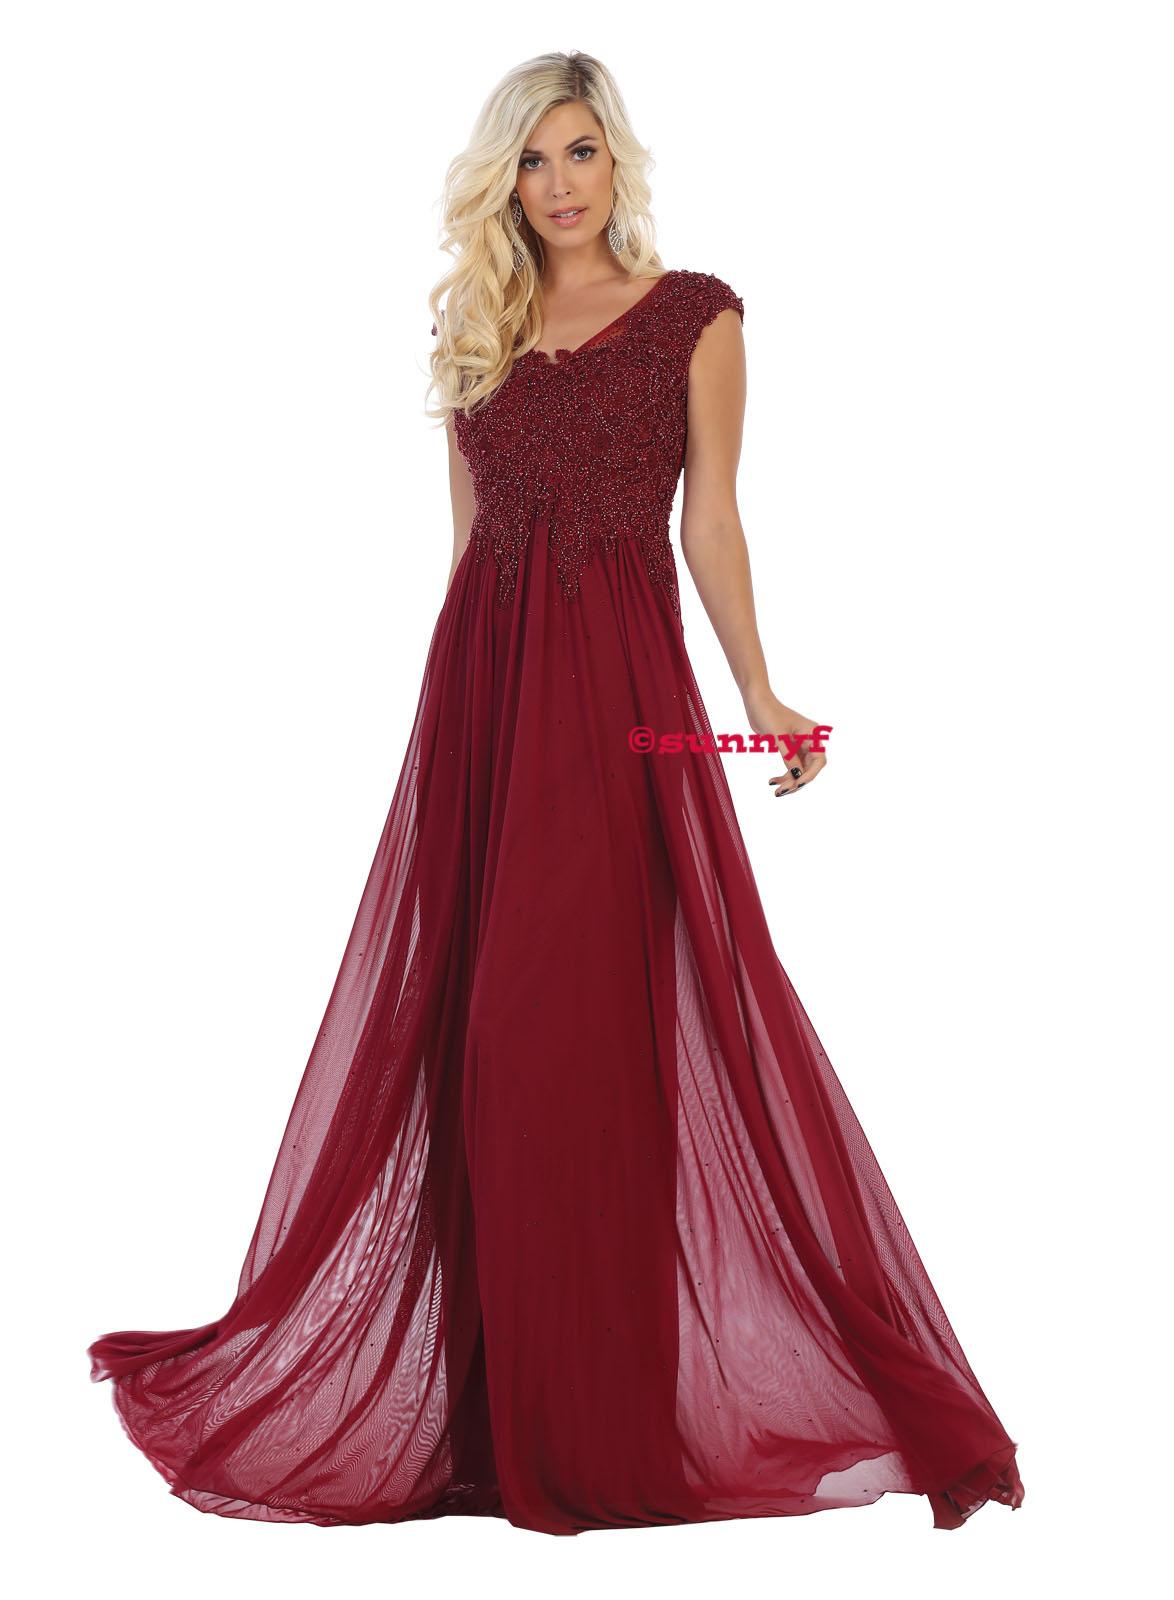 Abendkleider Abiballkleider Softtüll mit Glitzer kaschierende Kleider auch  in grosser Grösse burgunderrot